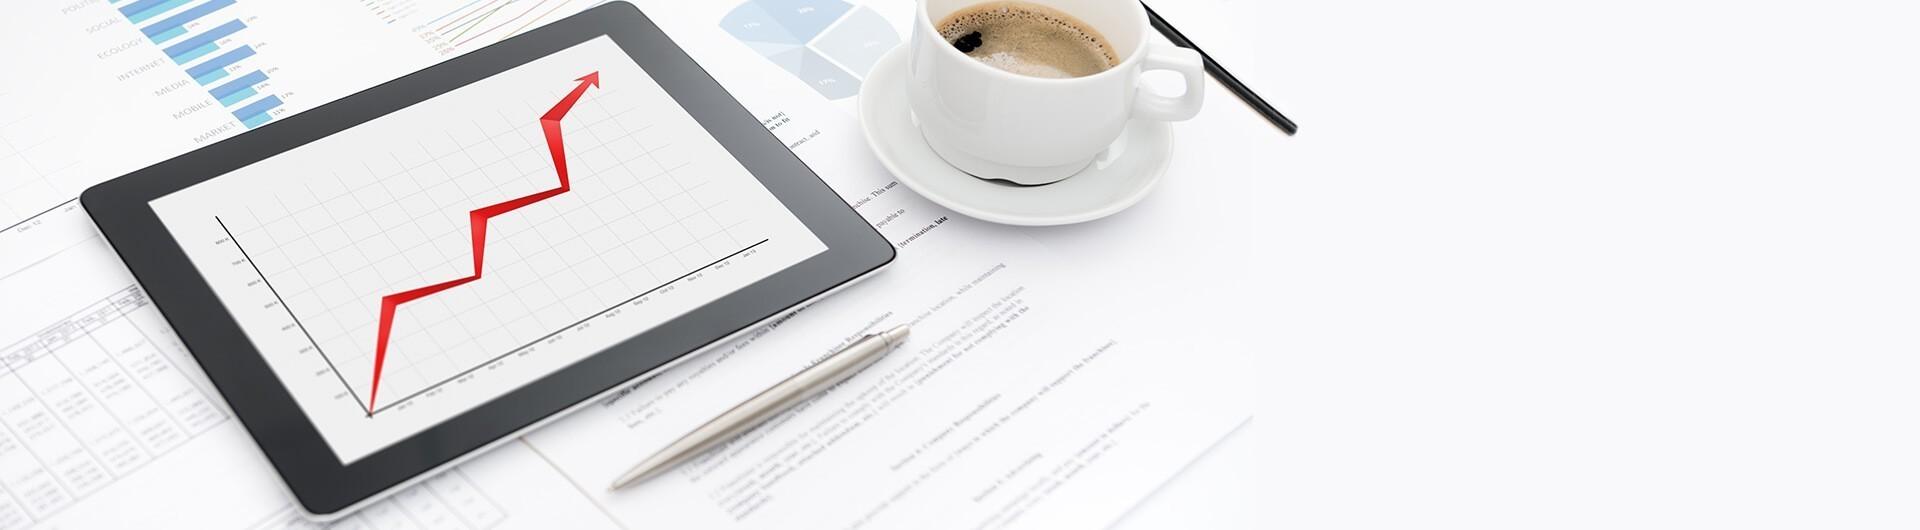 קידום אתרי מכירות SEO - חלק 2